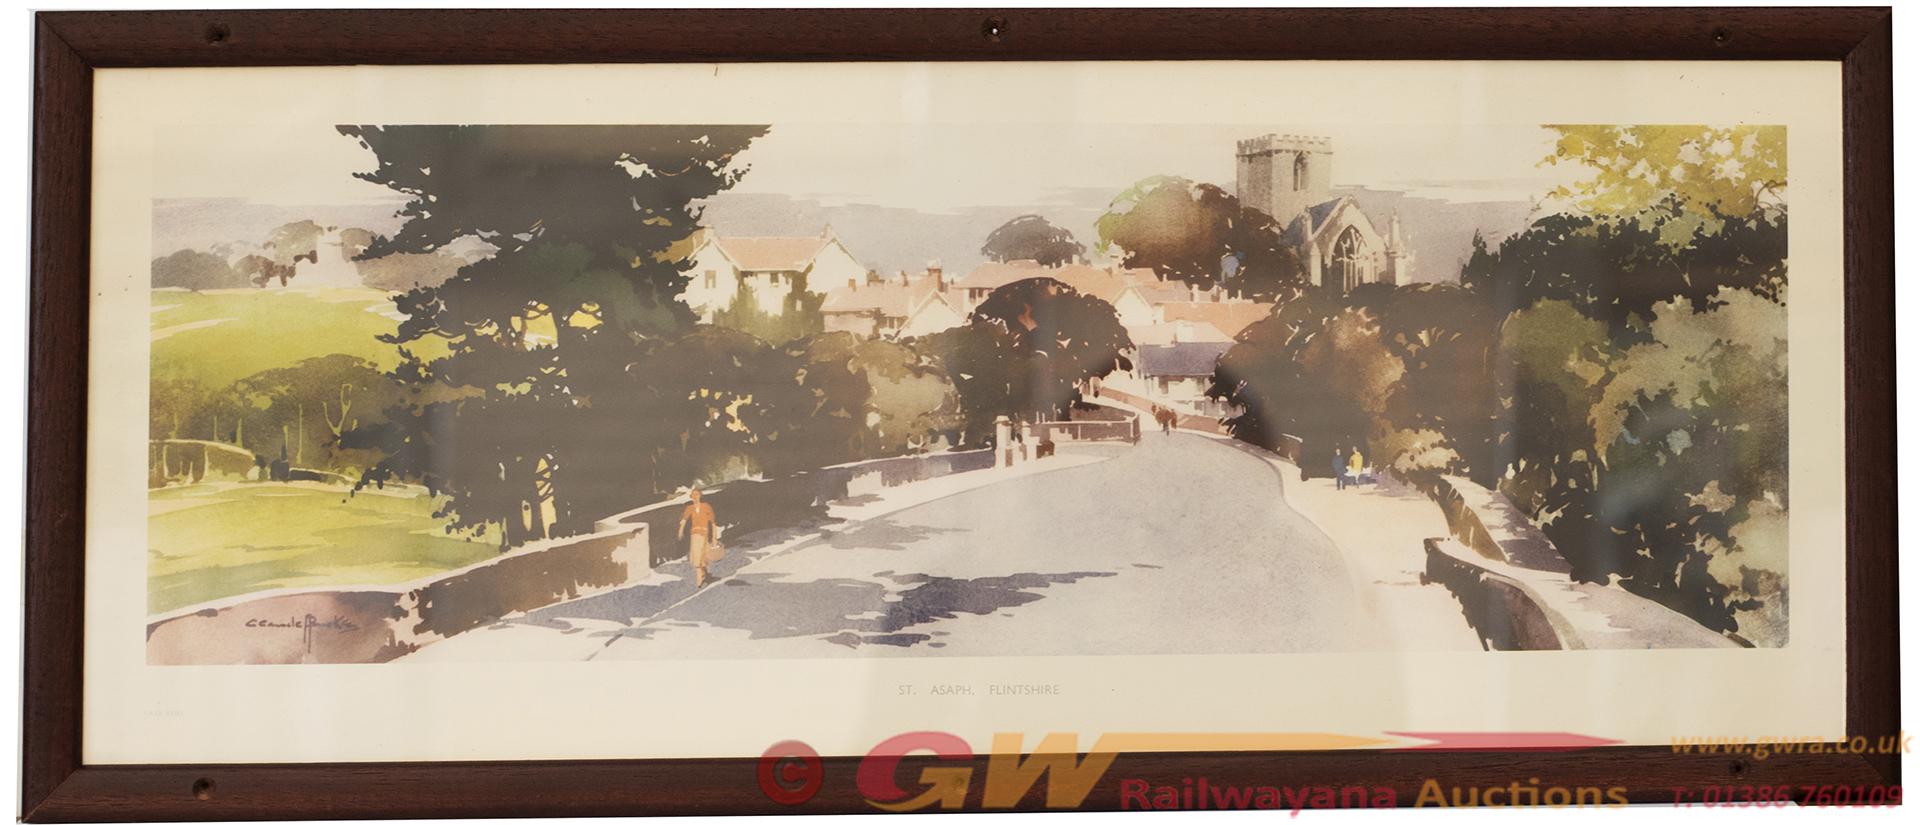 Carriage Print ST ASAPH, FLINTSHIRE By Claude